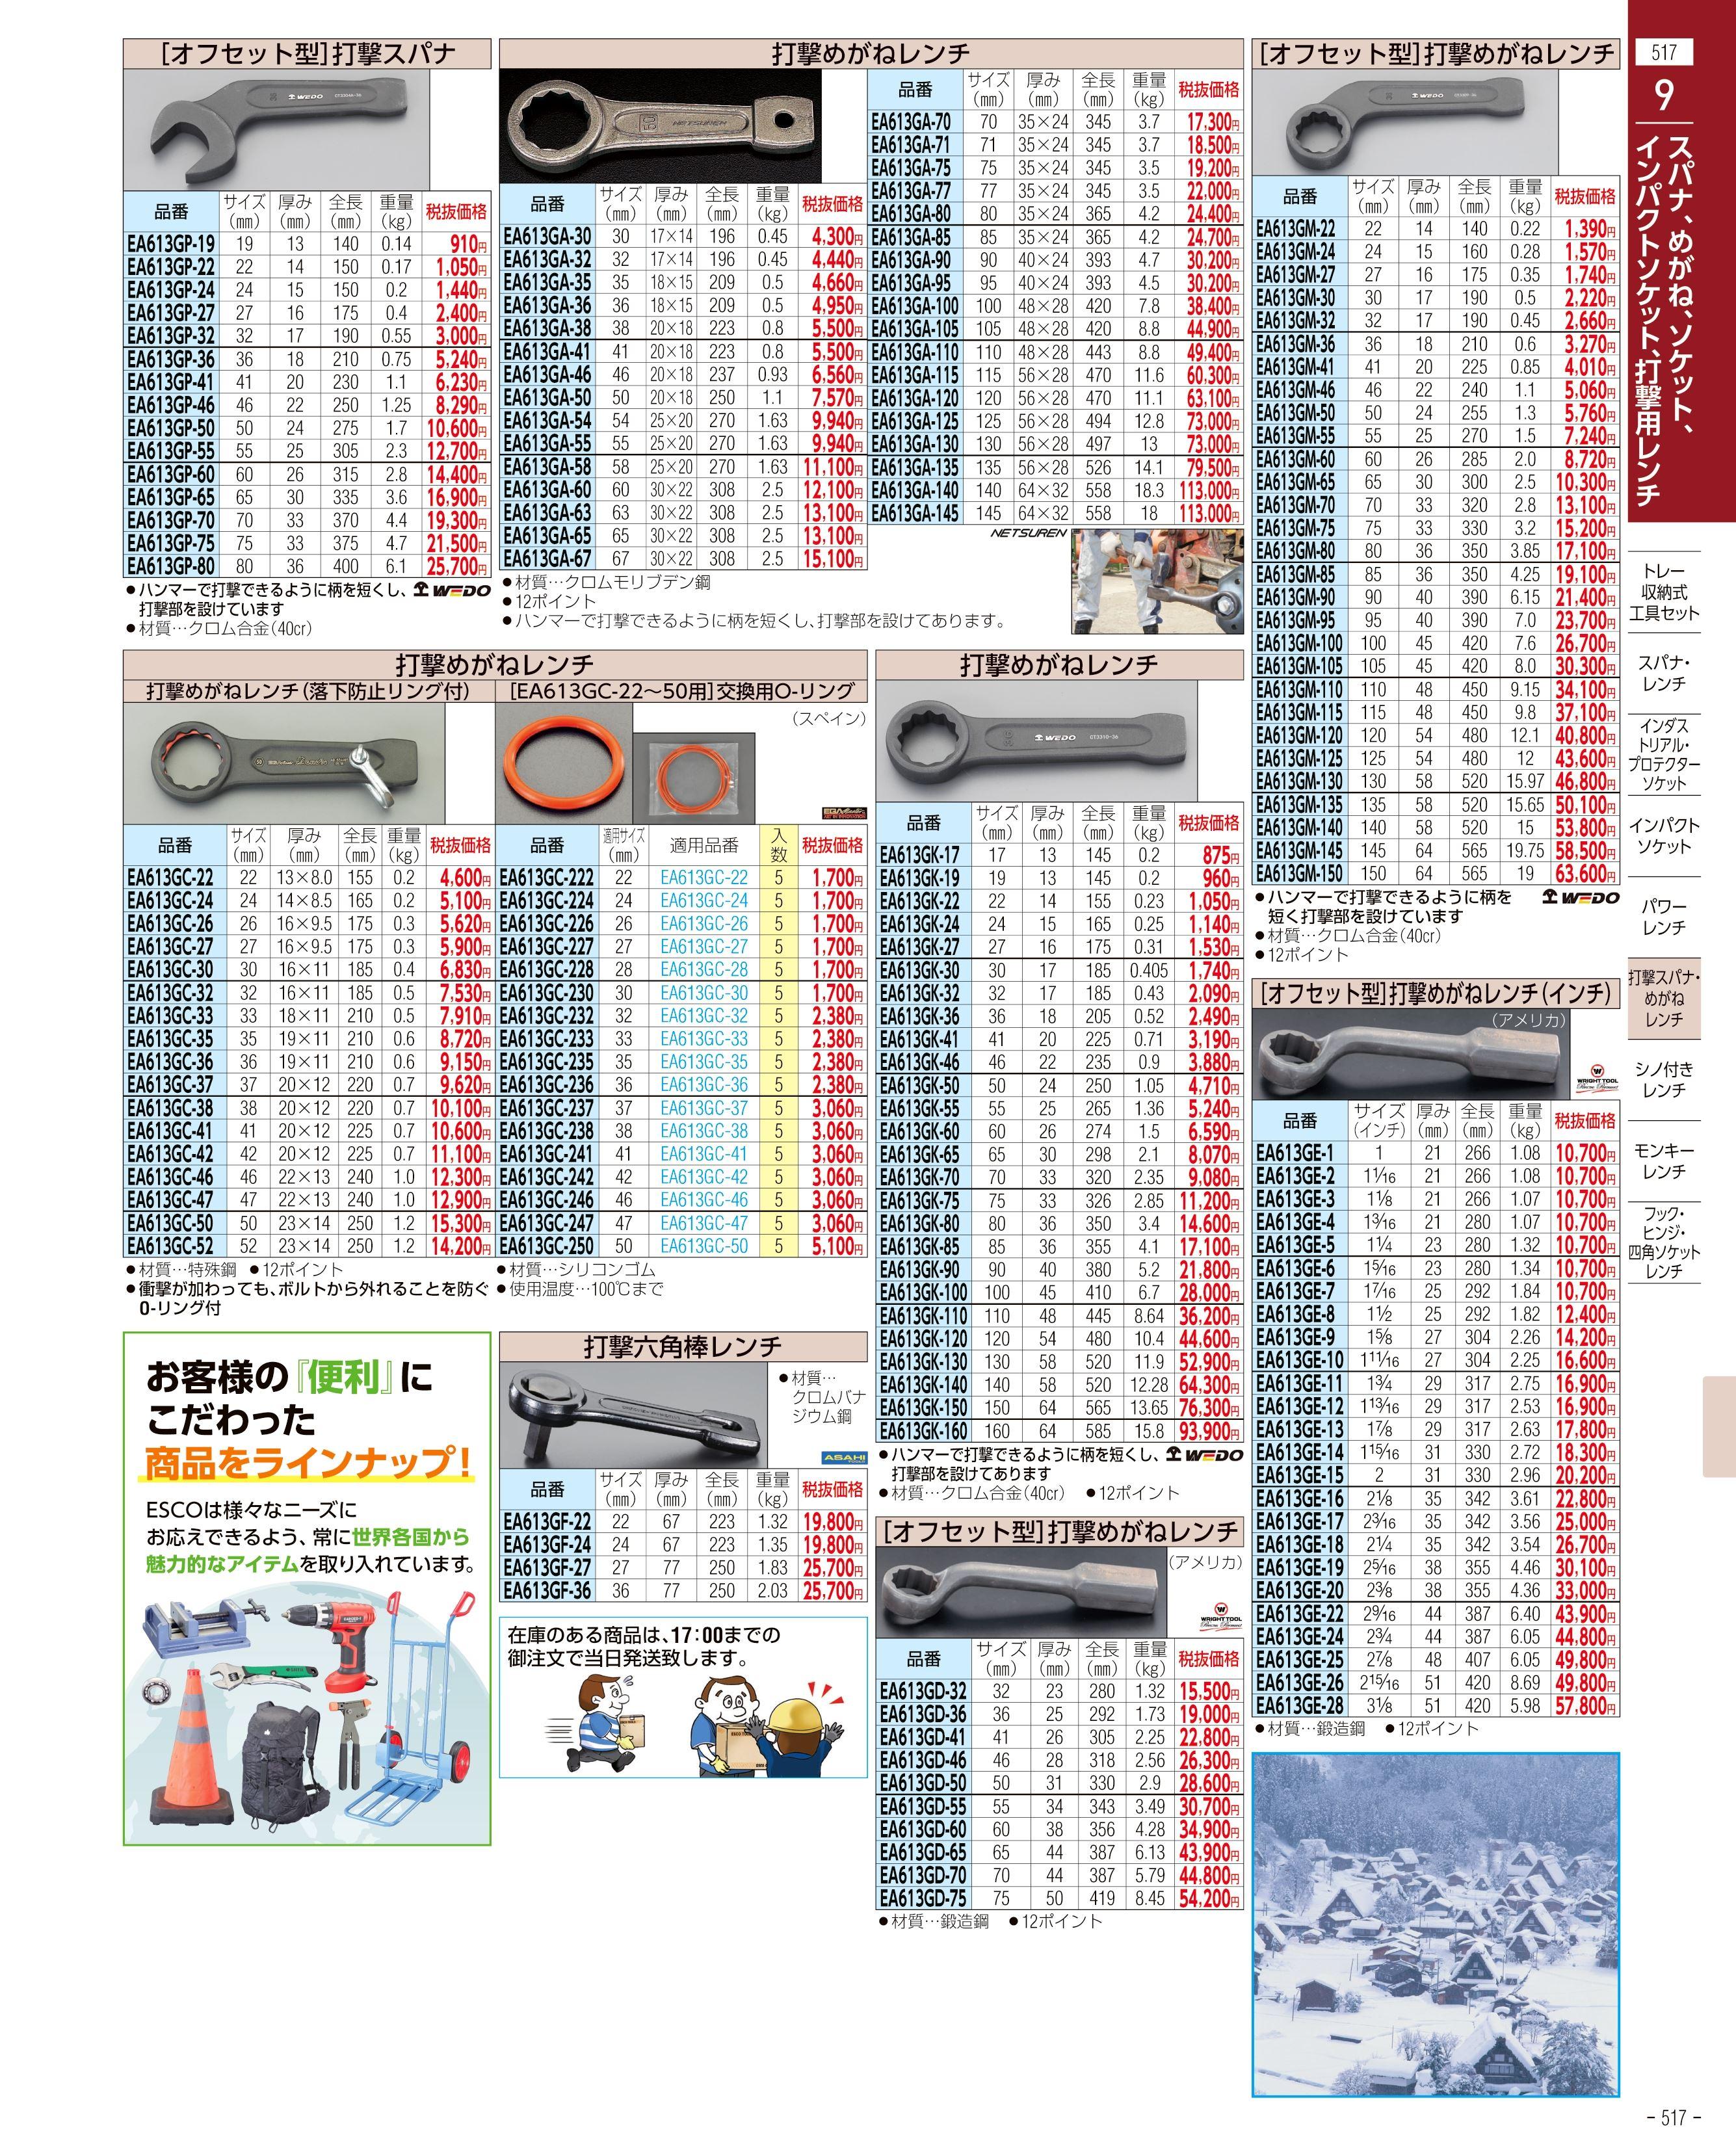 エスコ便利カタログ517ページ